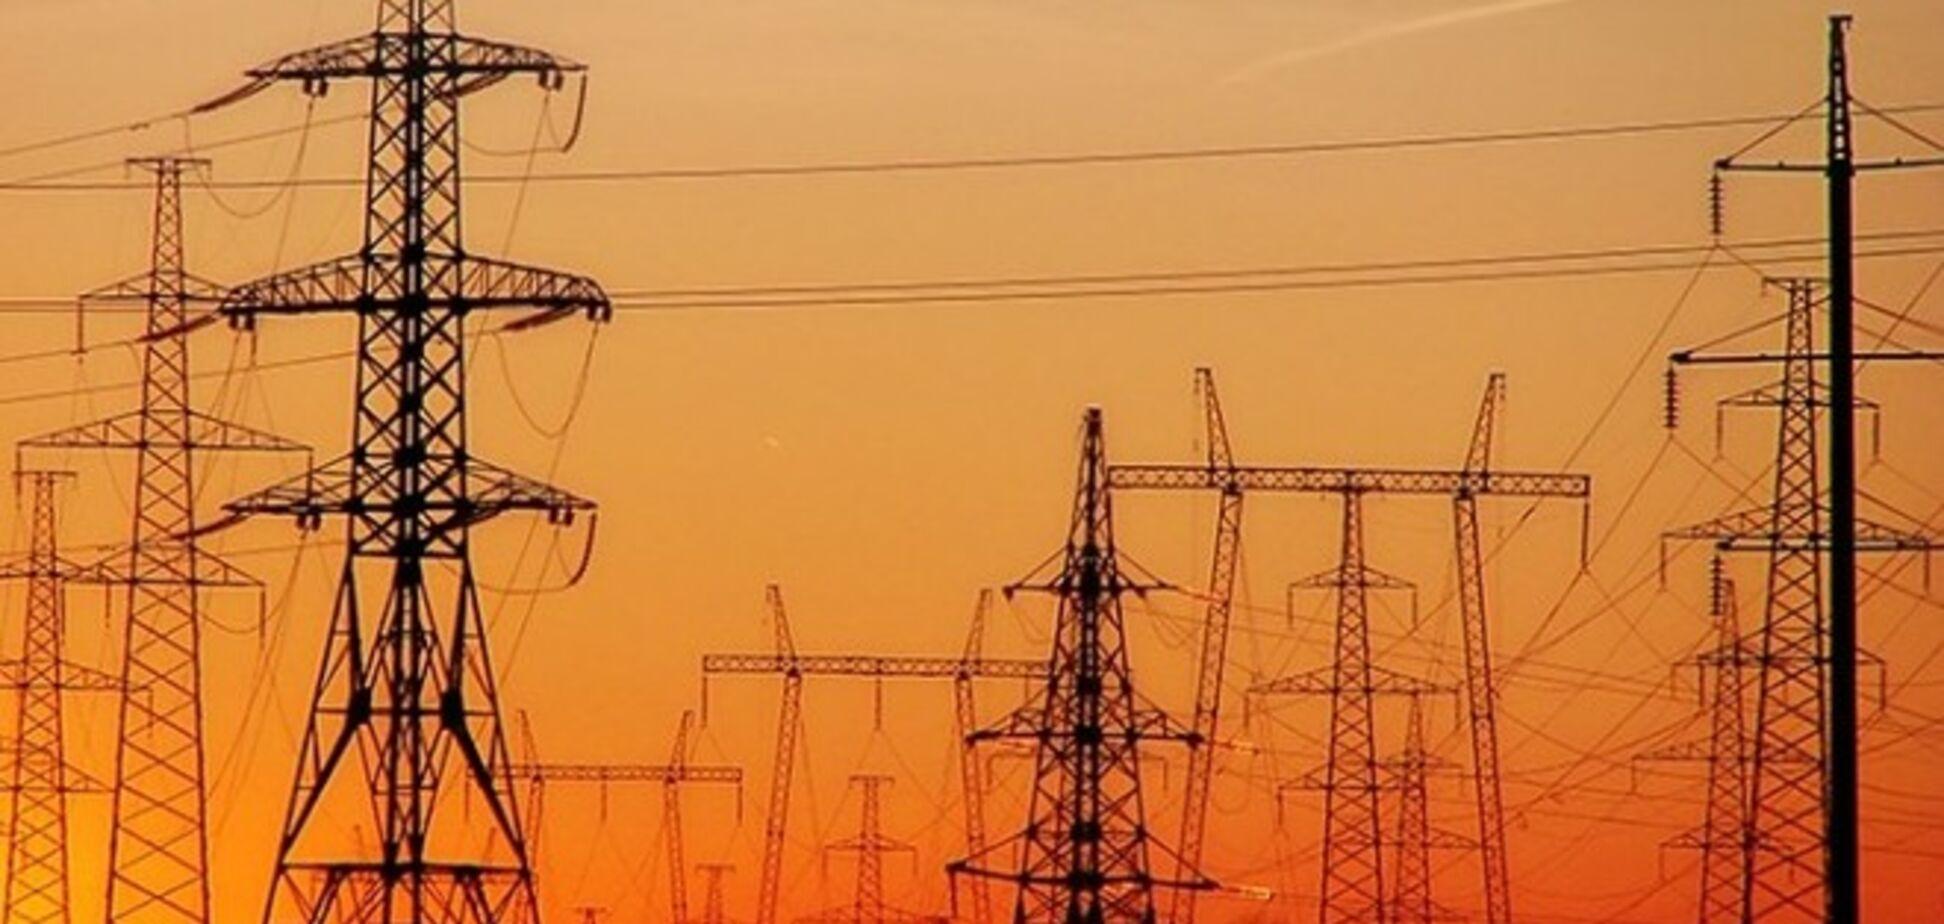 Украина на пороге энергокатастрофы: в ход уже пошли веерные отключения электричества